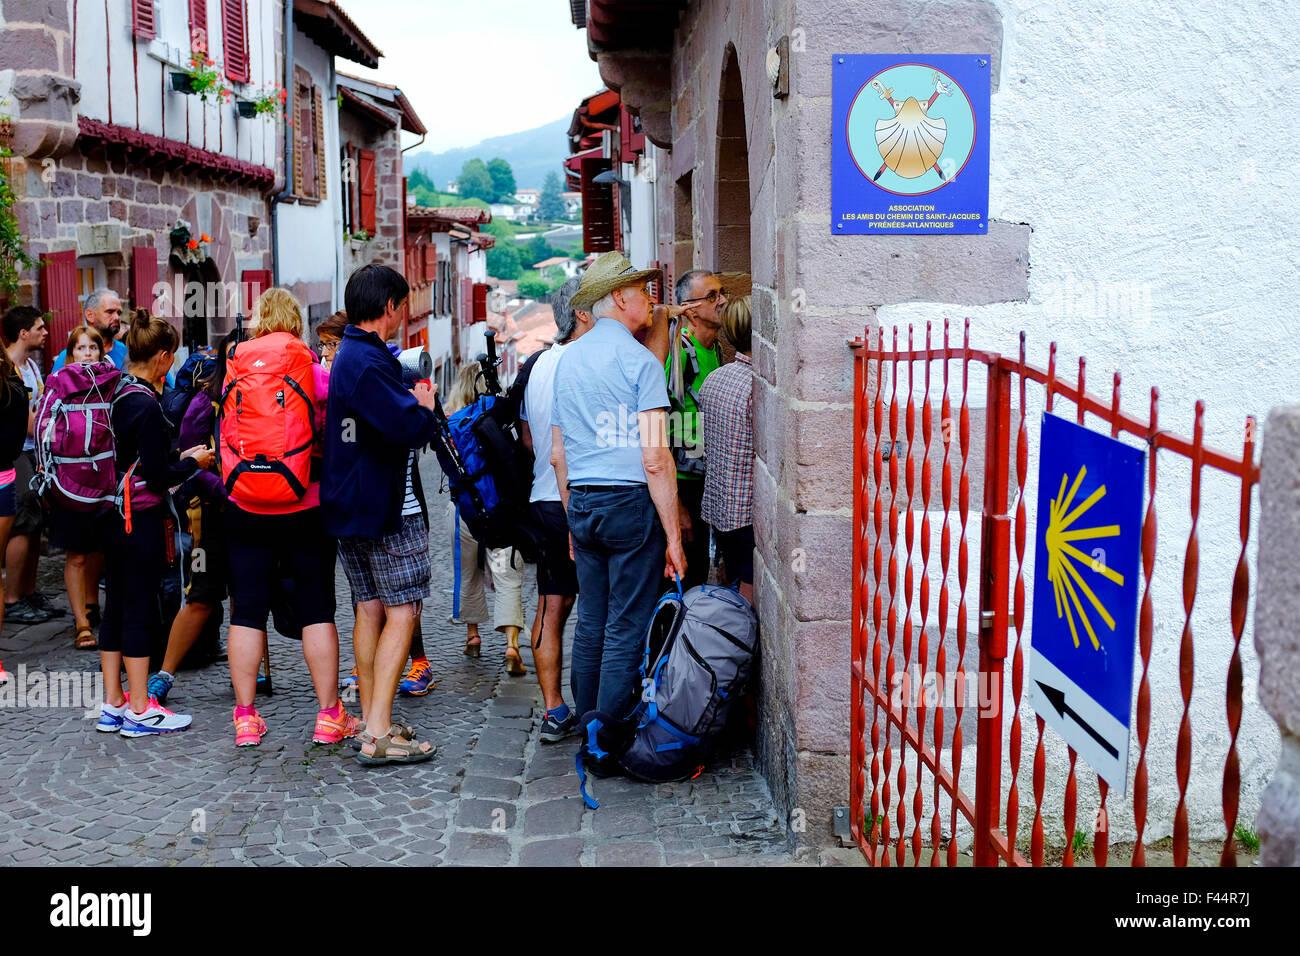 Pilgrims in front of the office of the association 'Les amis du chemin de Saint-Jacques de Compostelle' - Stock Image